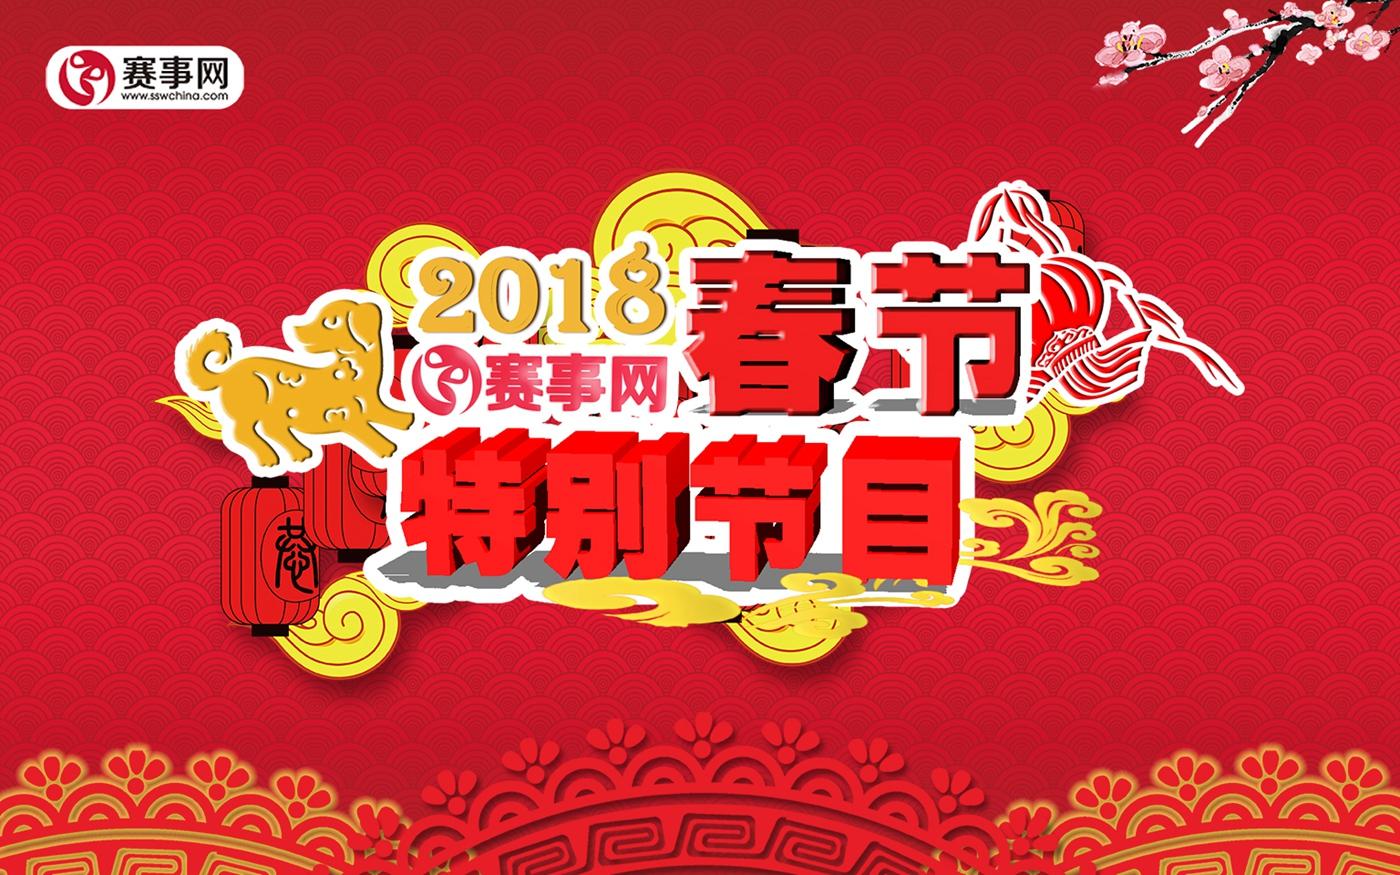 赛事网2018春节特别节目征集表(机构报名)